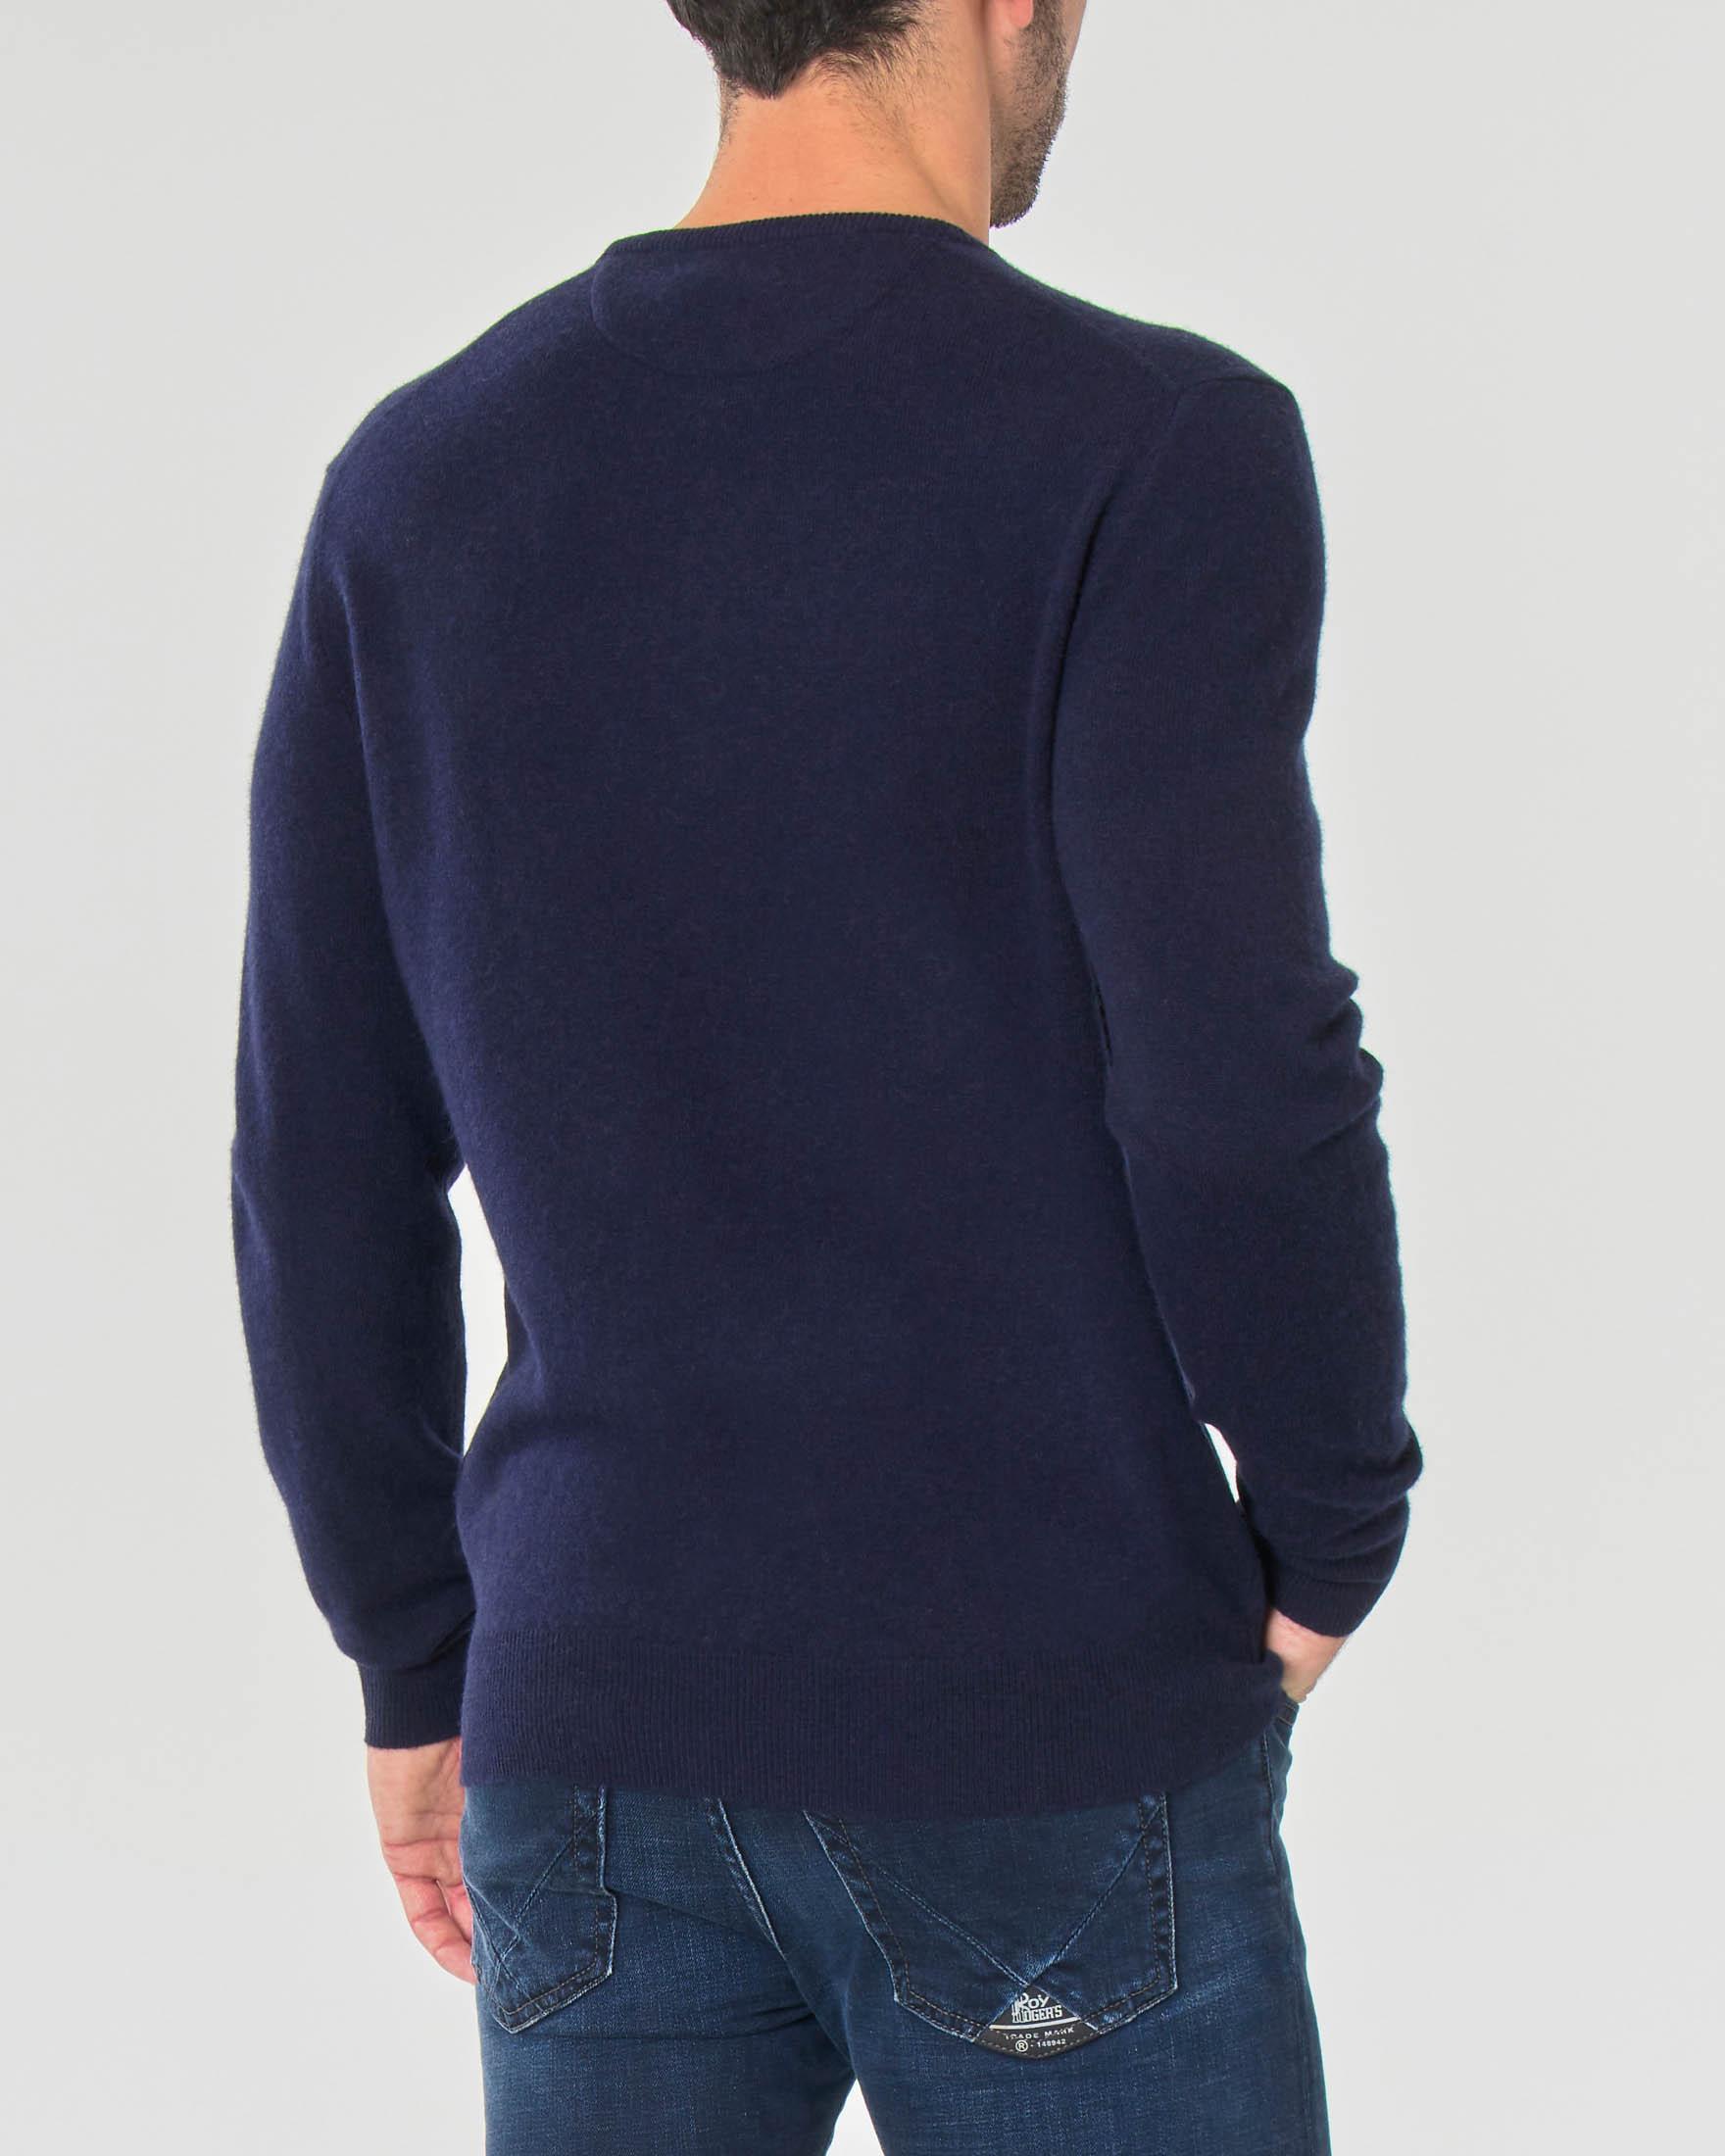 Maglioncino blu girocollo in lambswool di pura lana